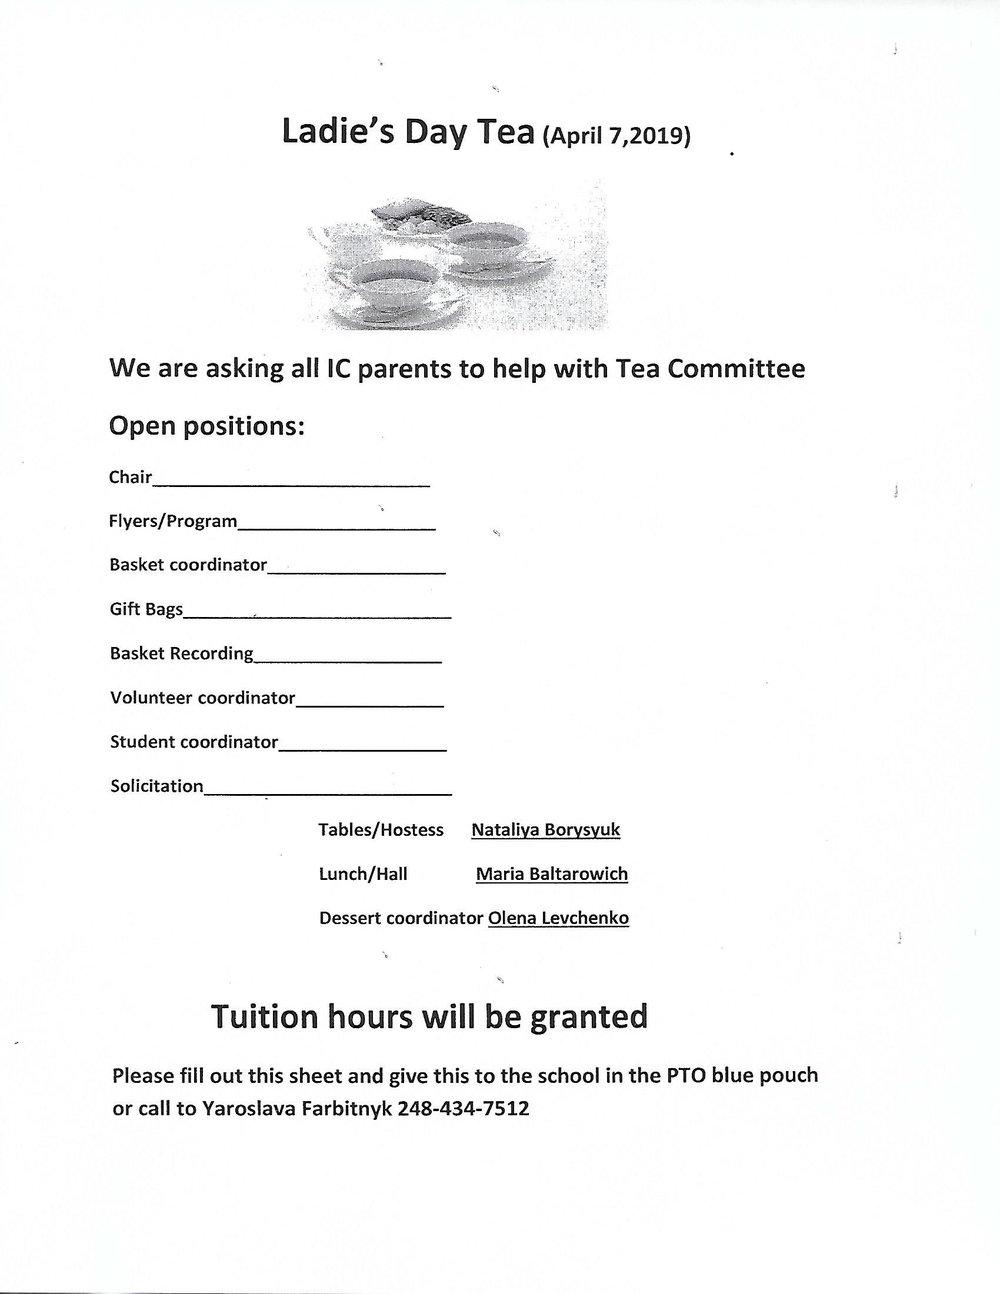 Tea Committee.jpg